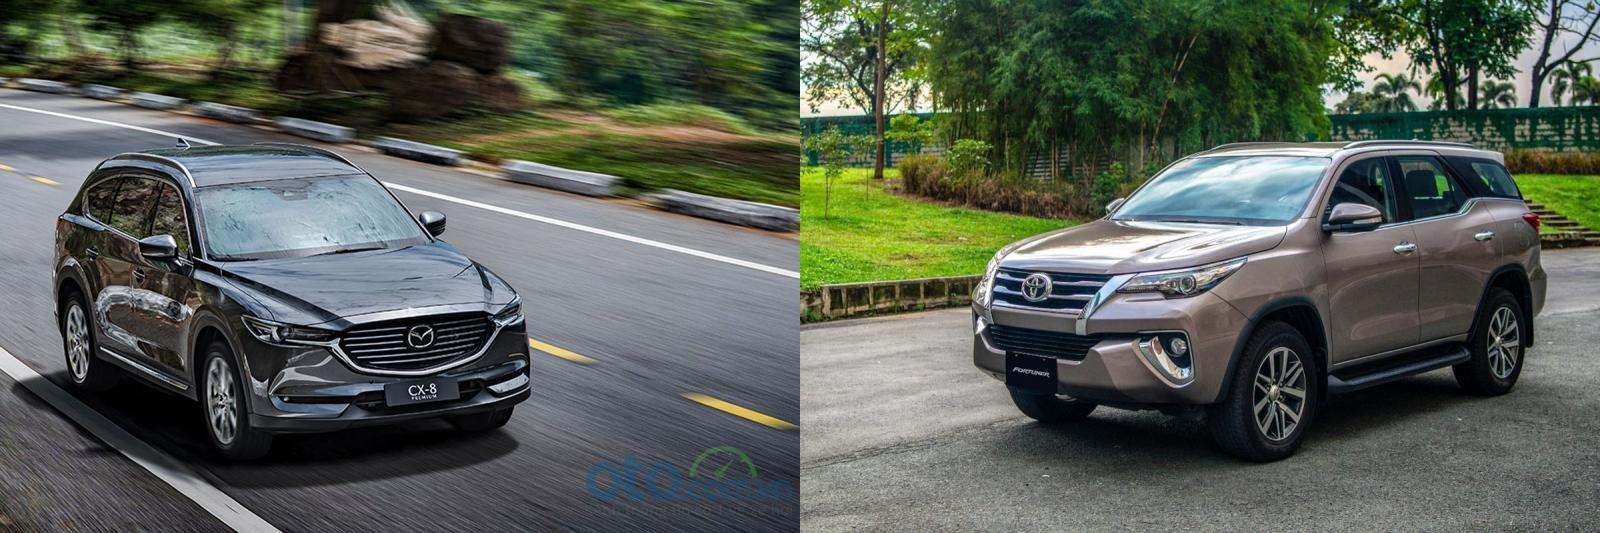 Ảnh chụp xe Mazda CX-8 2019 và Toyota Fortuner 2019